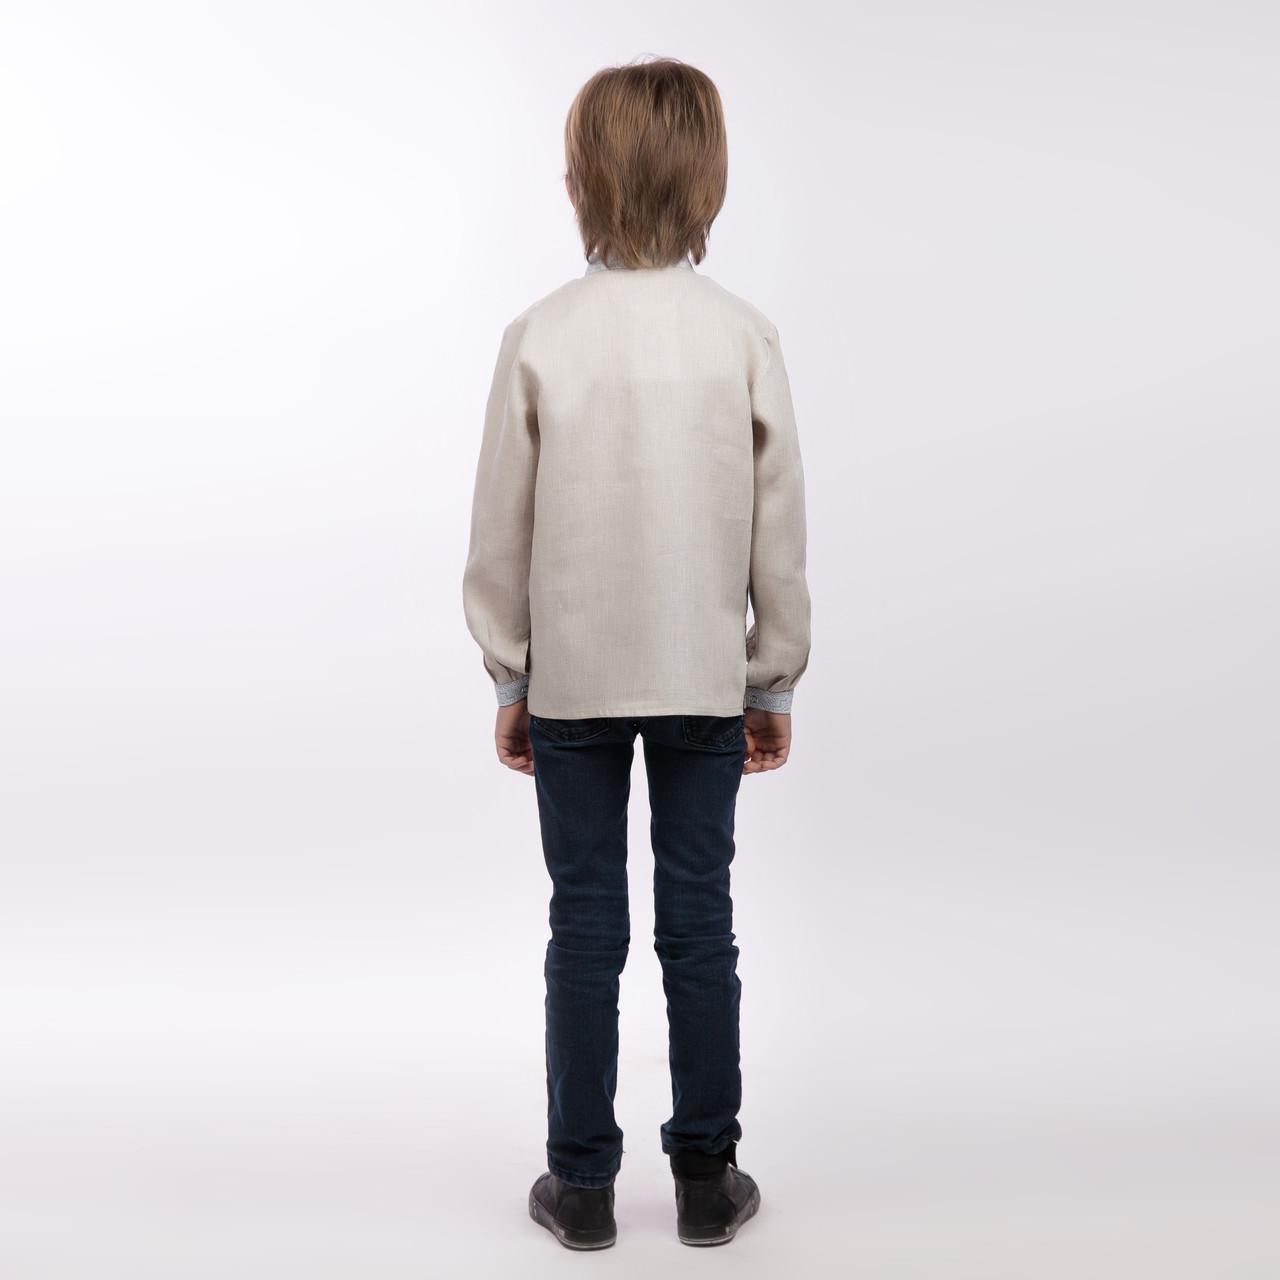 Вышиванка для мальчика, беж лен - фото 2